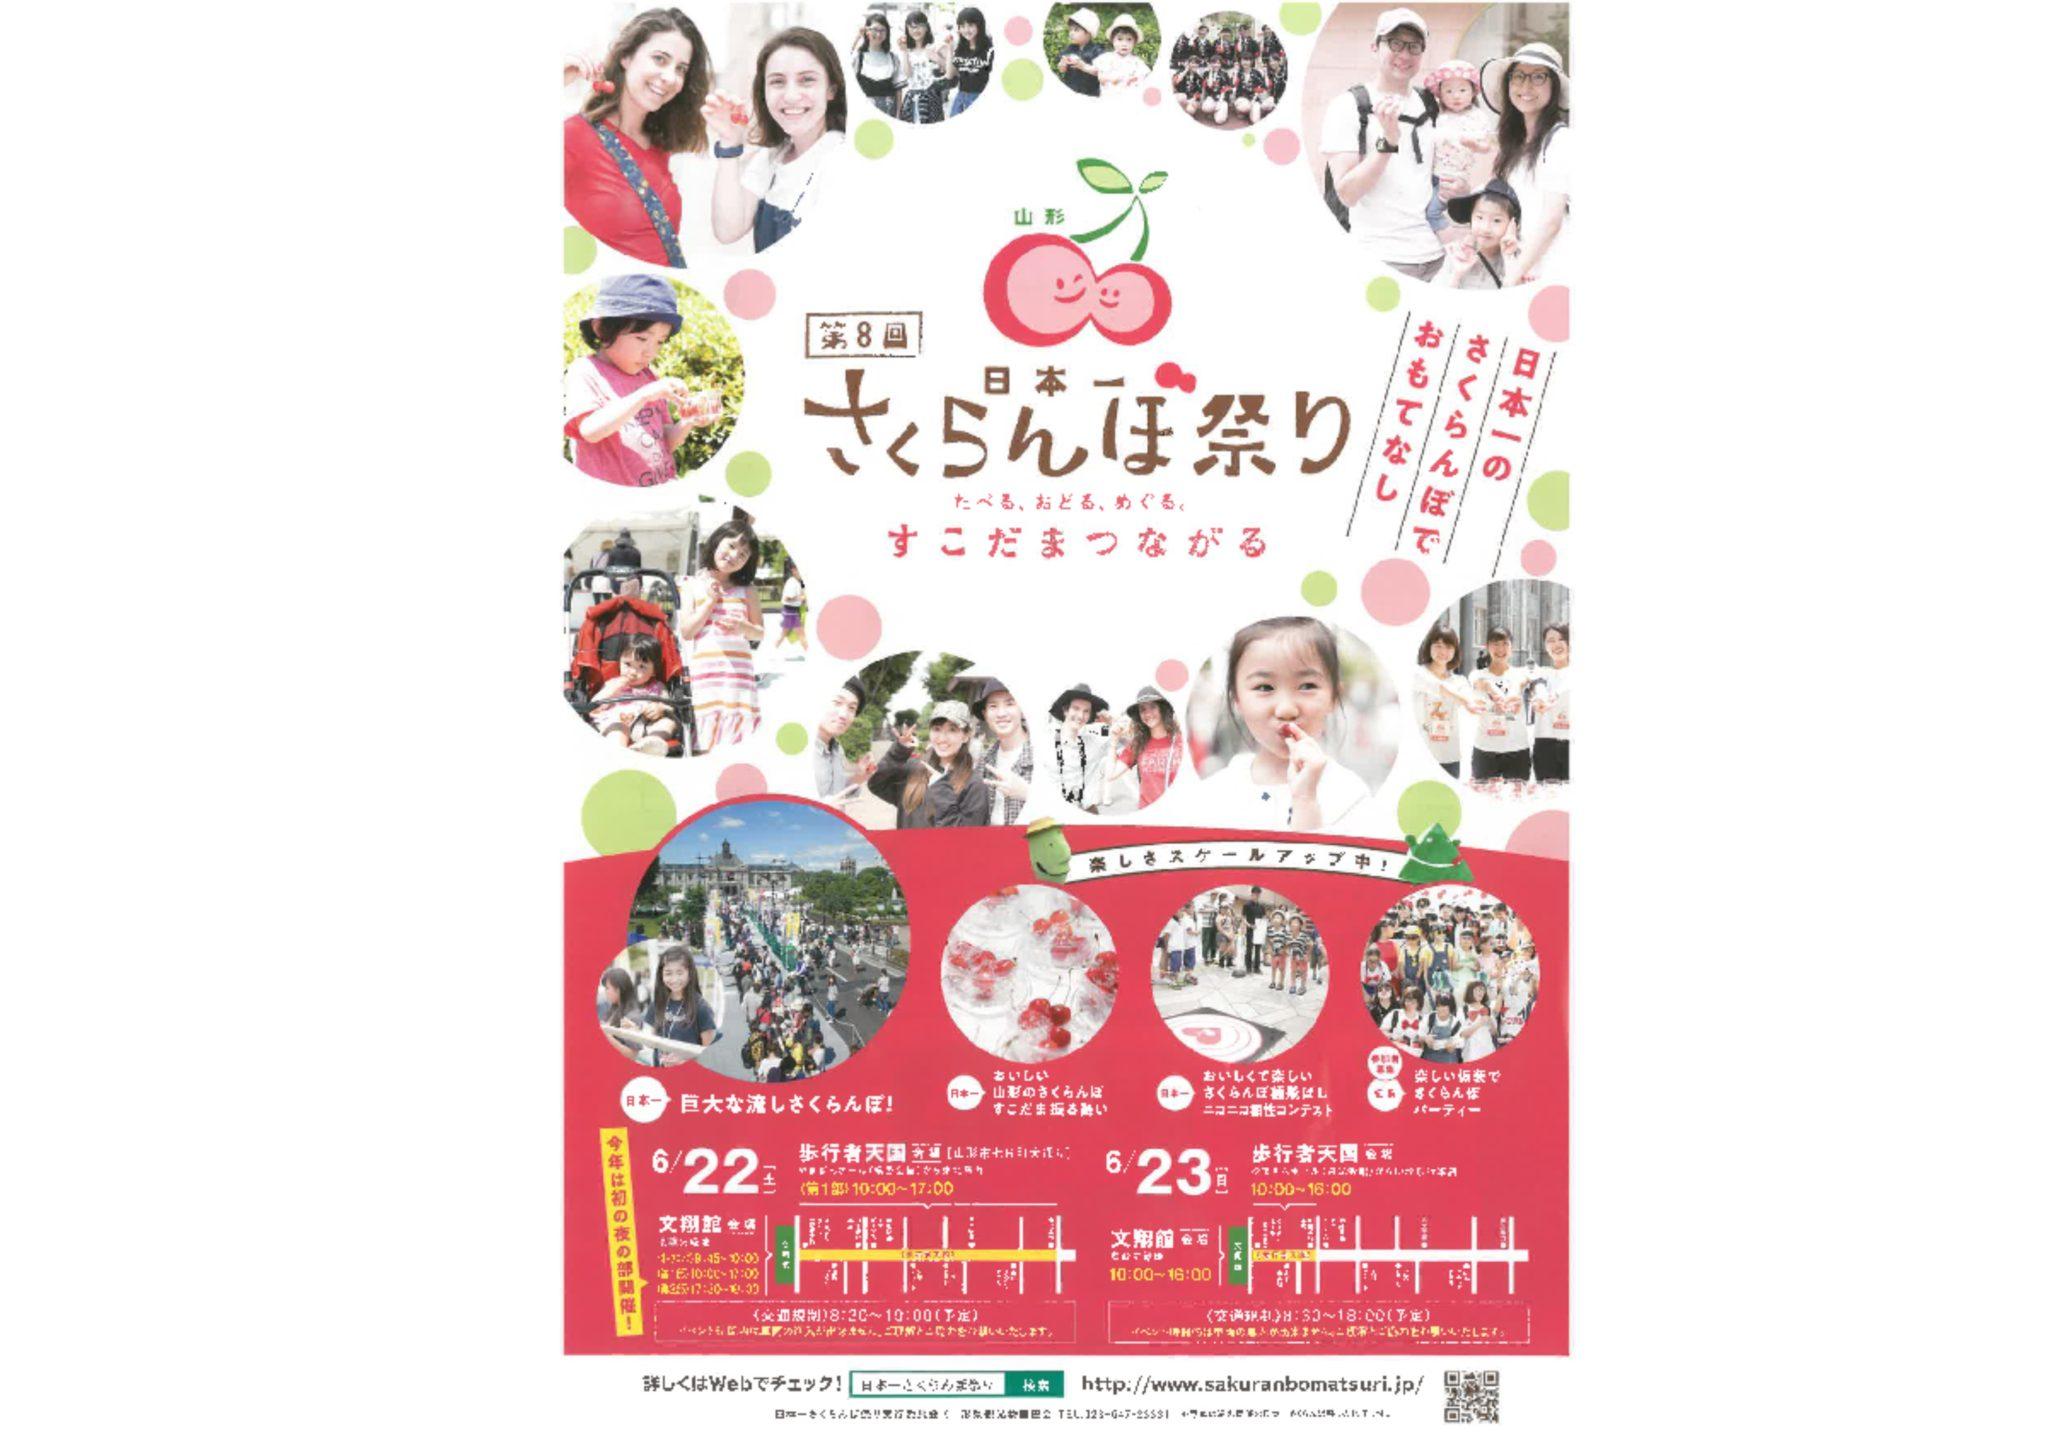 第8回 さくらんぼ祭り